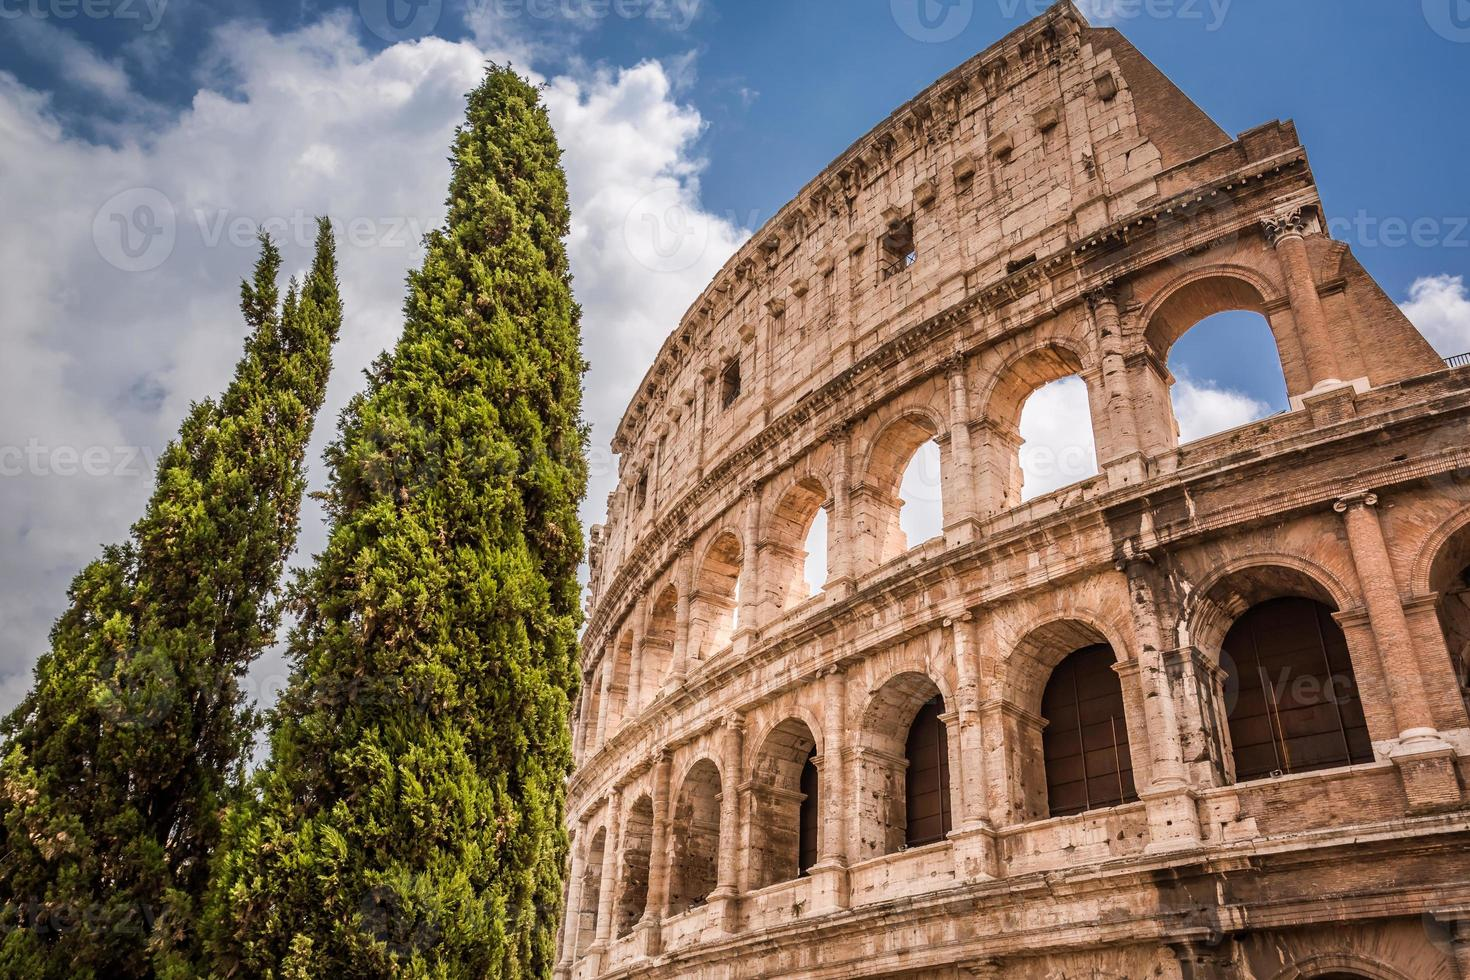 vacker colosseum i Rom, Italien foto